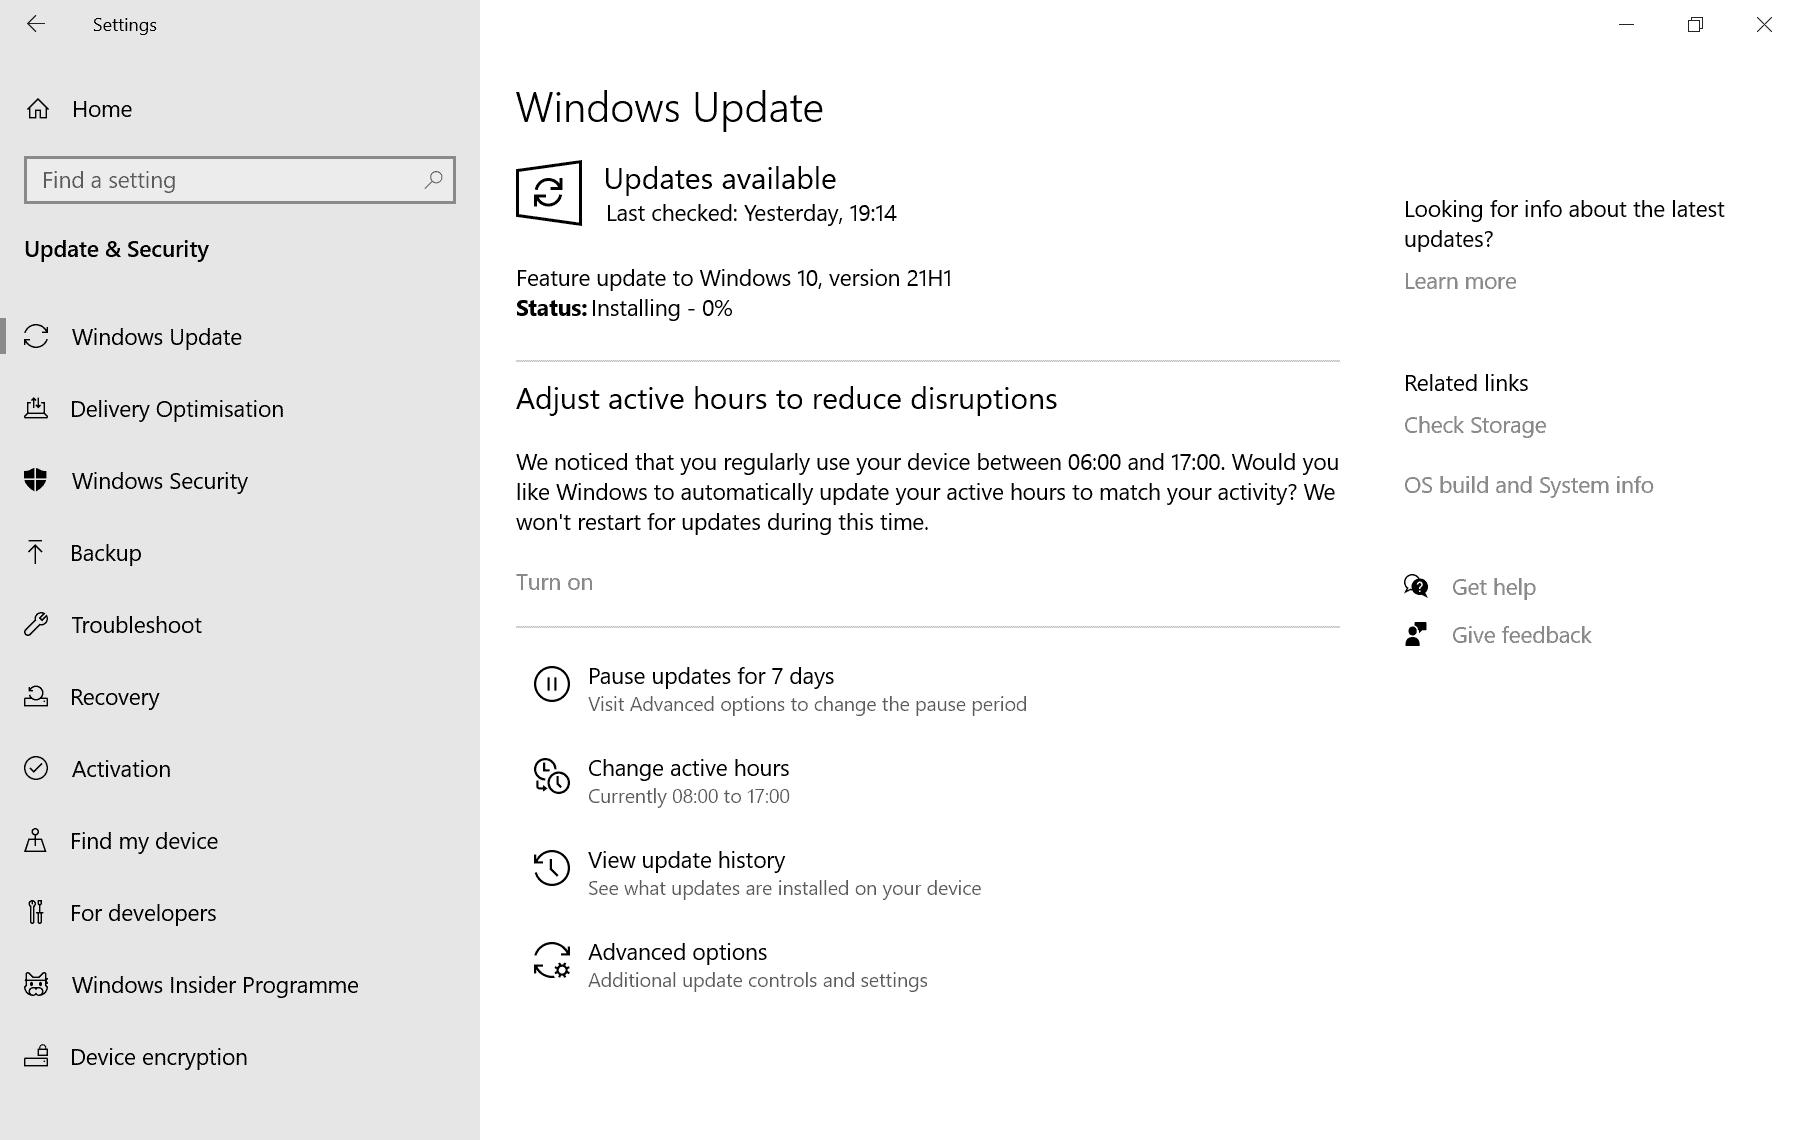 windows 10 version 21h1 installation